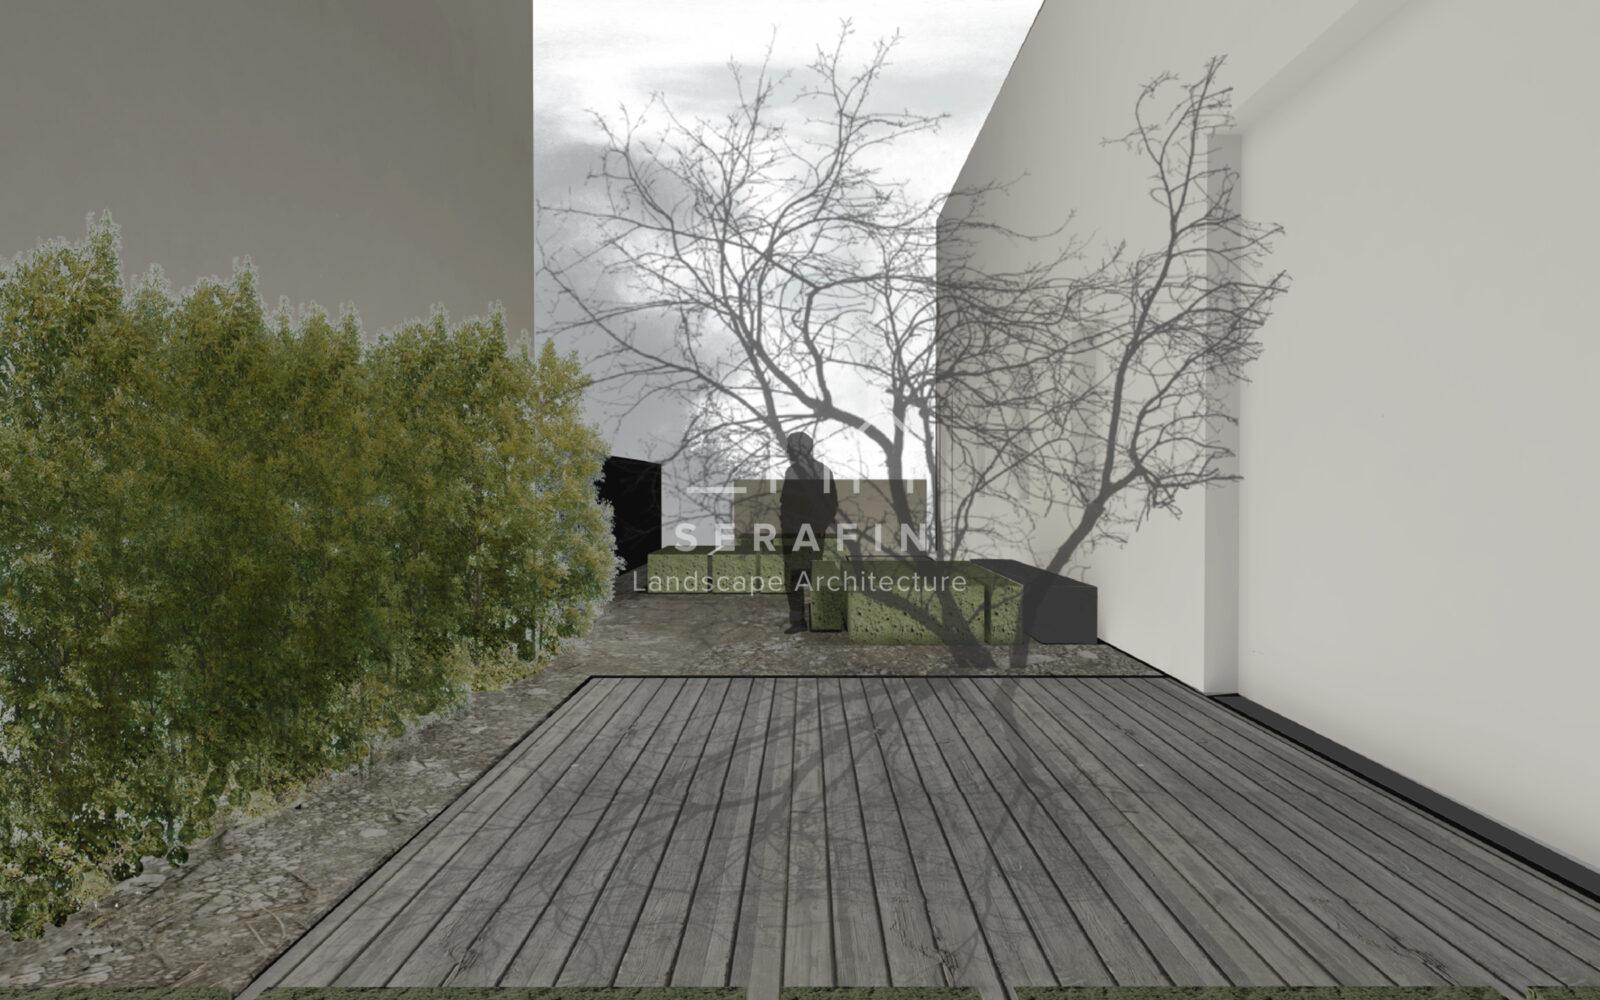 disegno progettuale piccolo giardino privato a Treviso - 3